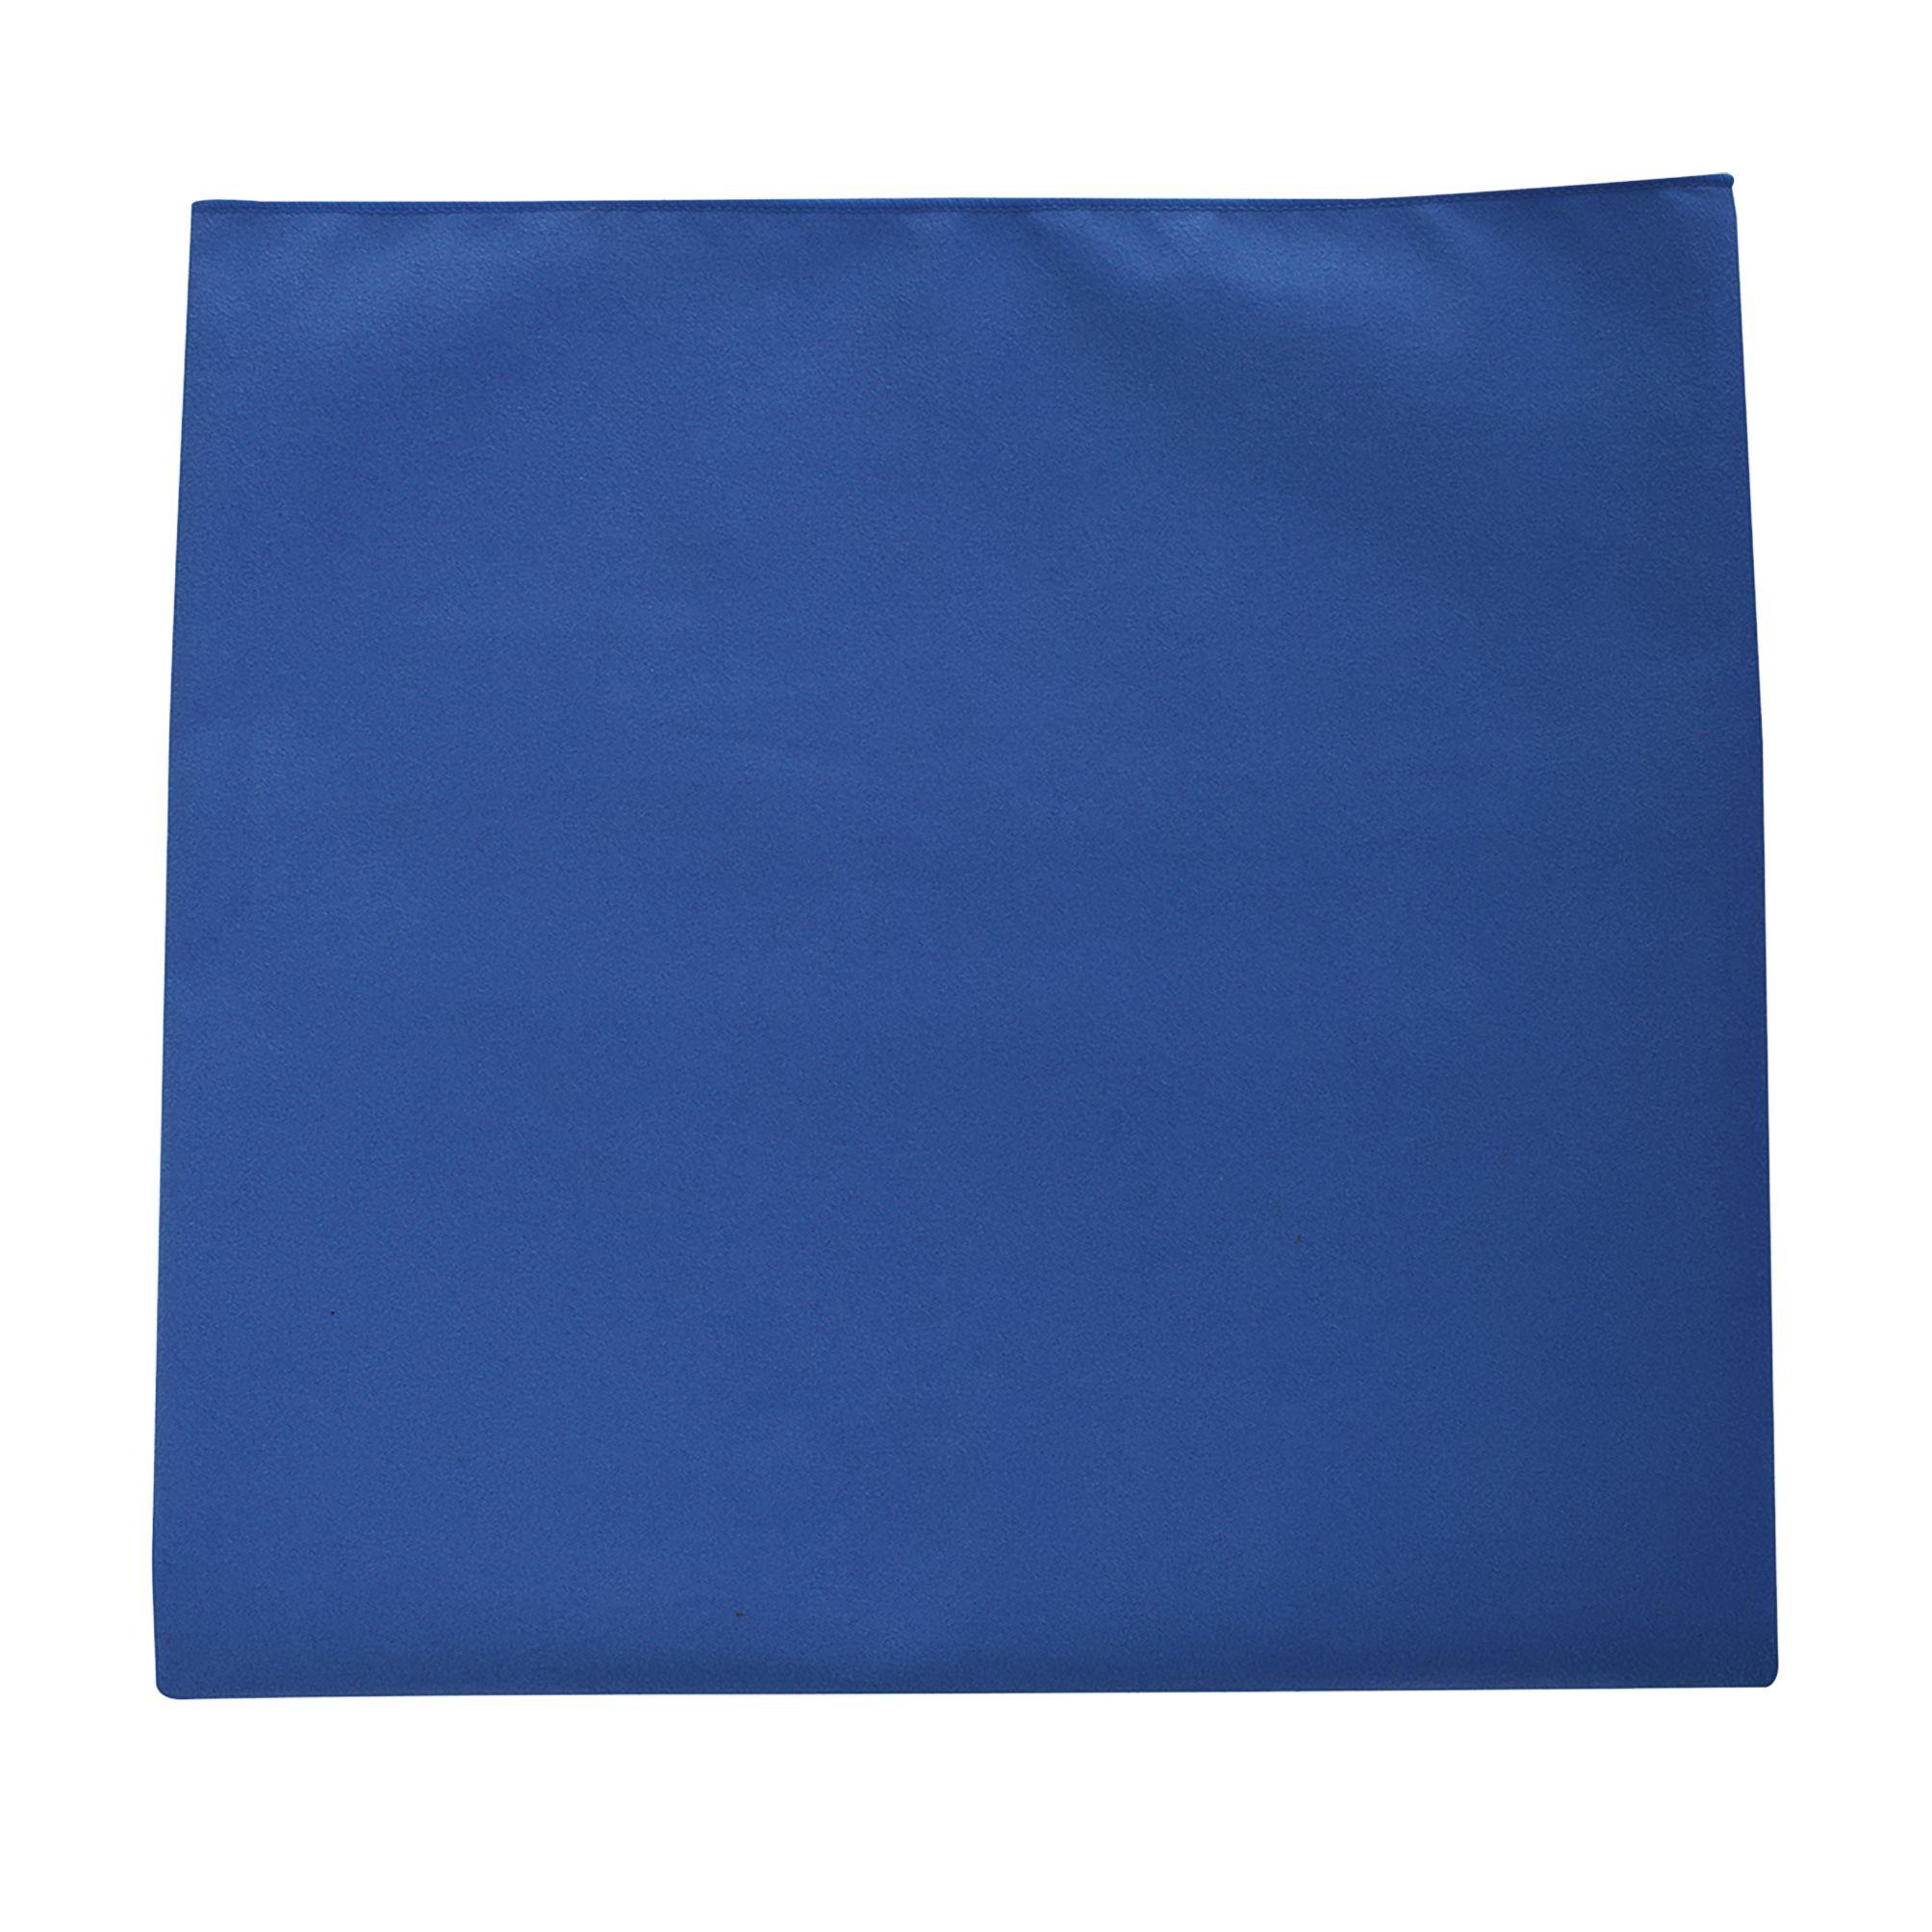 241 - Azul royal